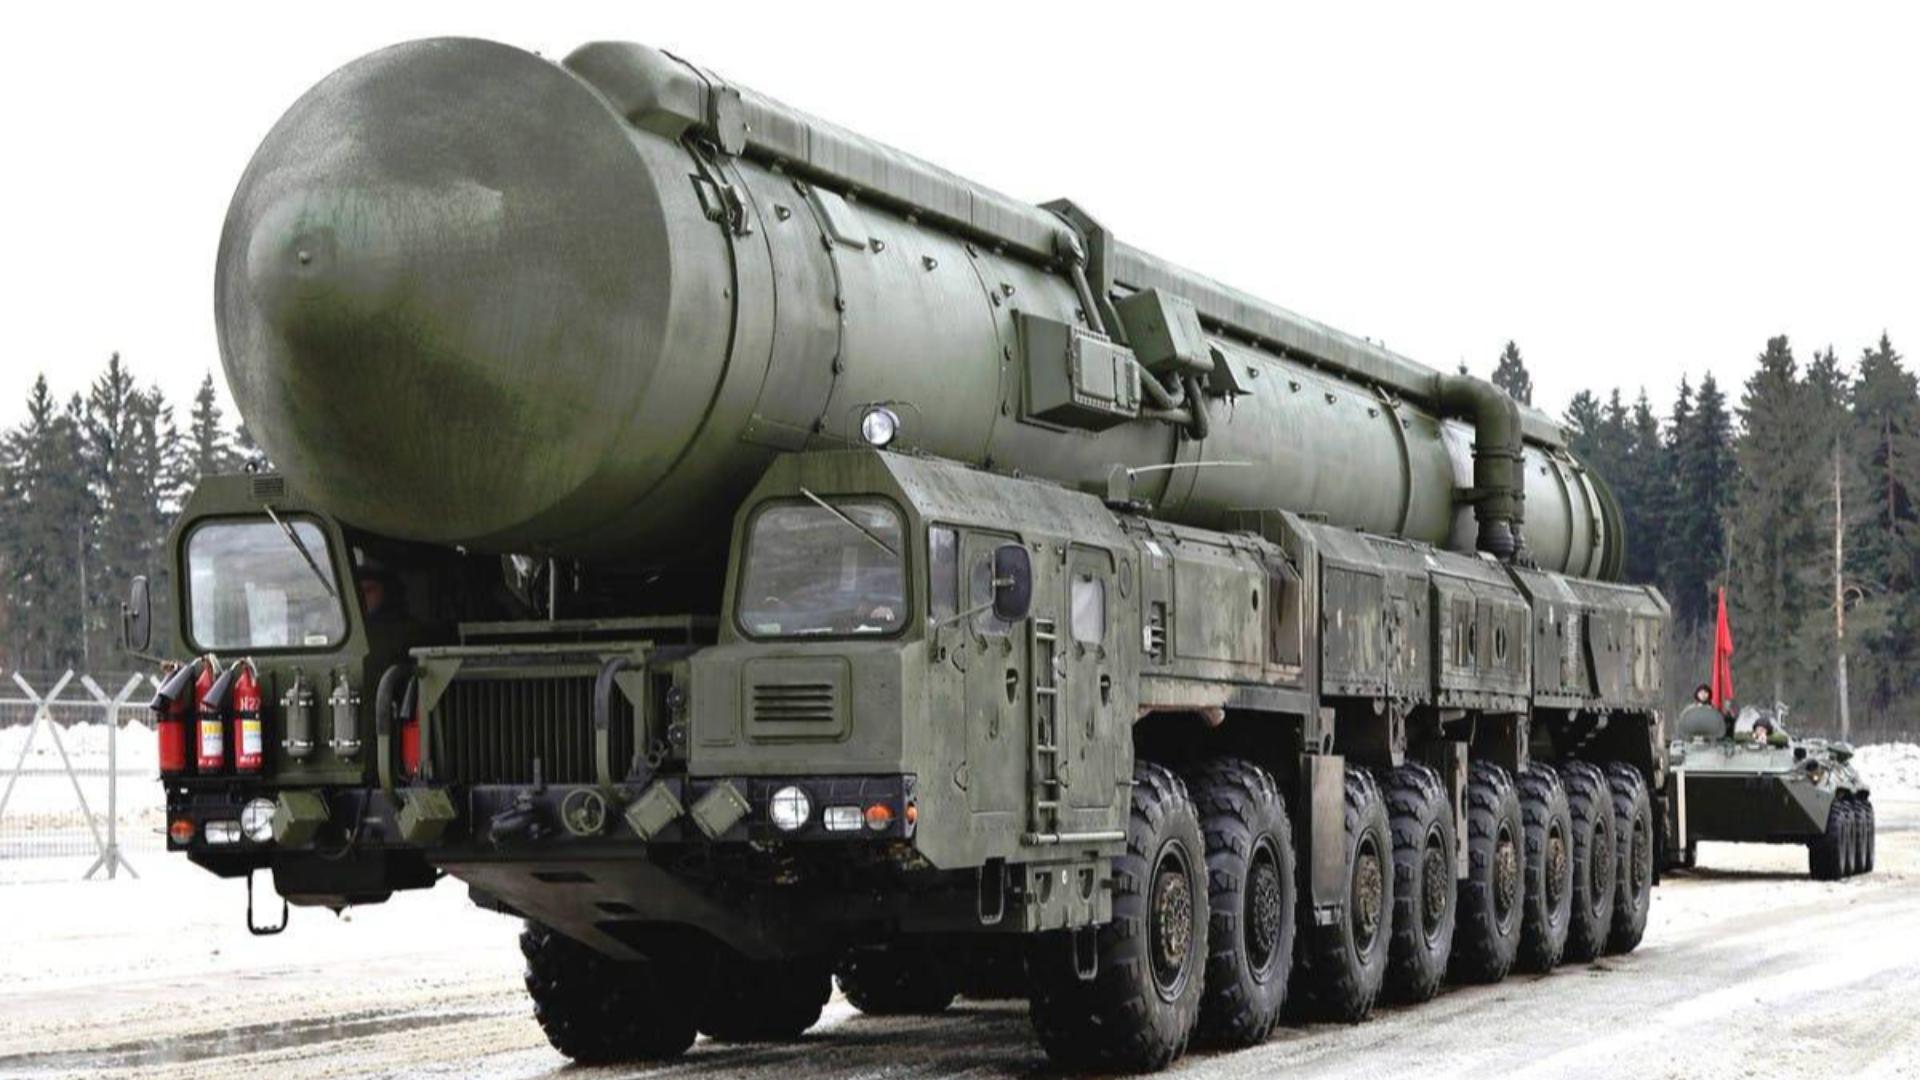 俄罗斯最后底牌!一旦激活能自动向美国发射核弹,号称死亡之手!